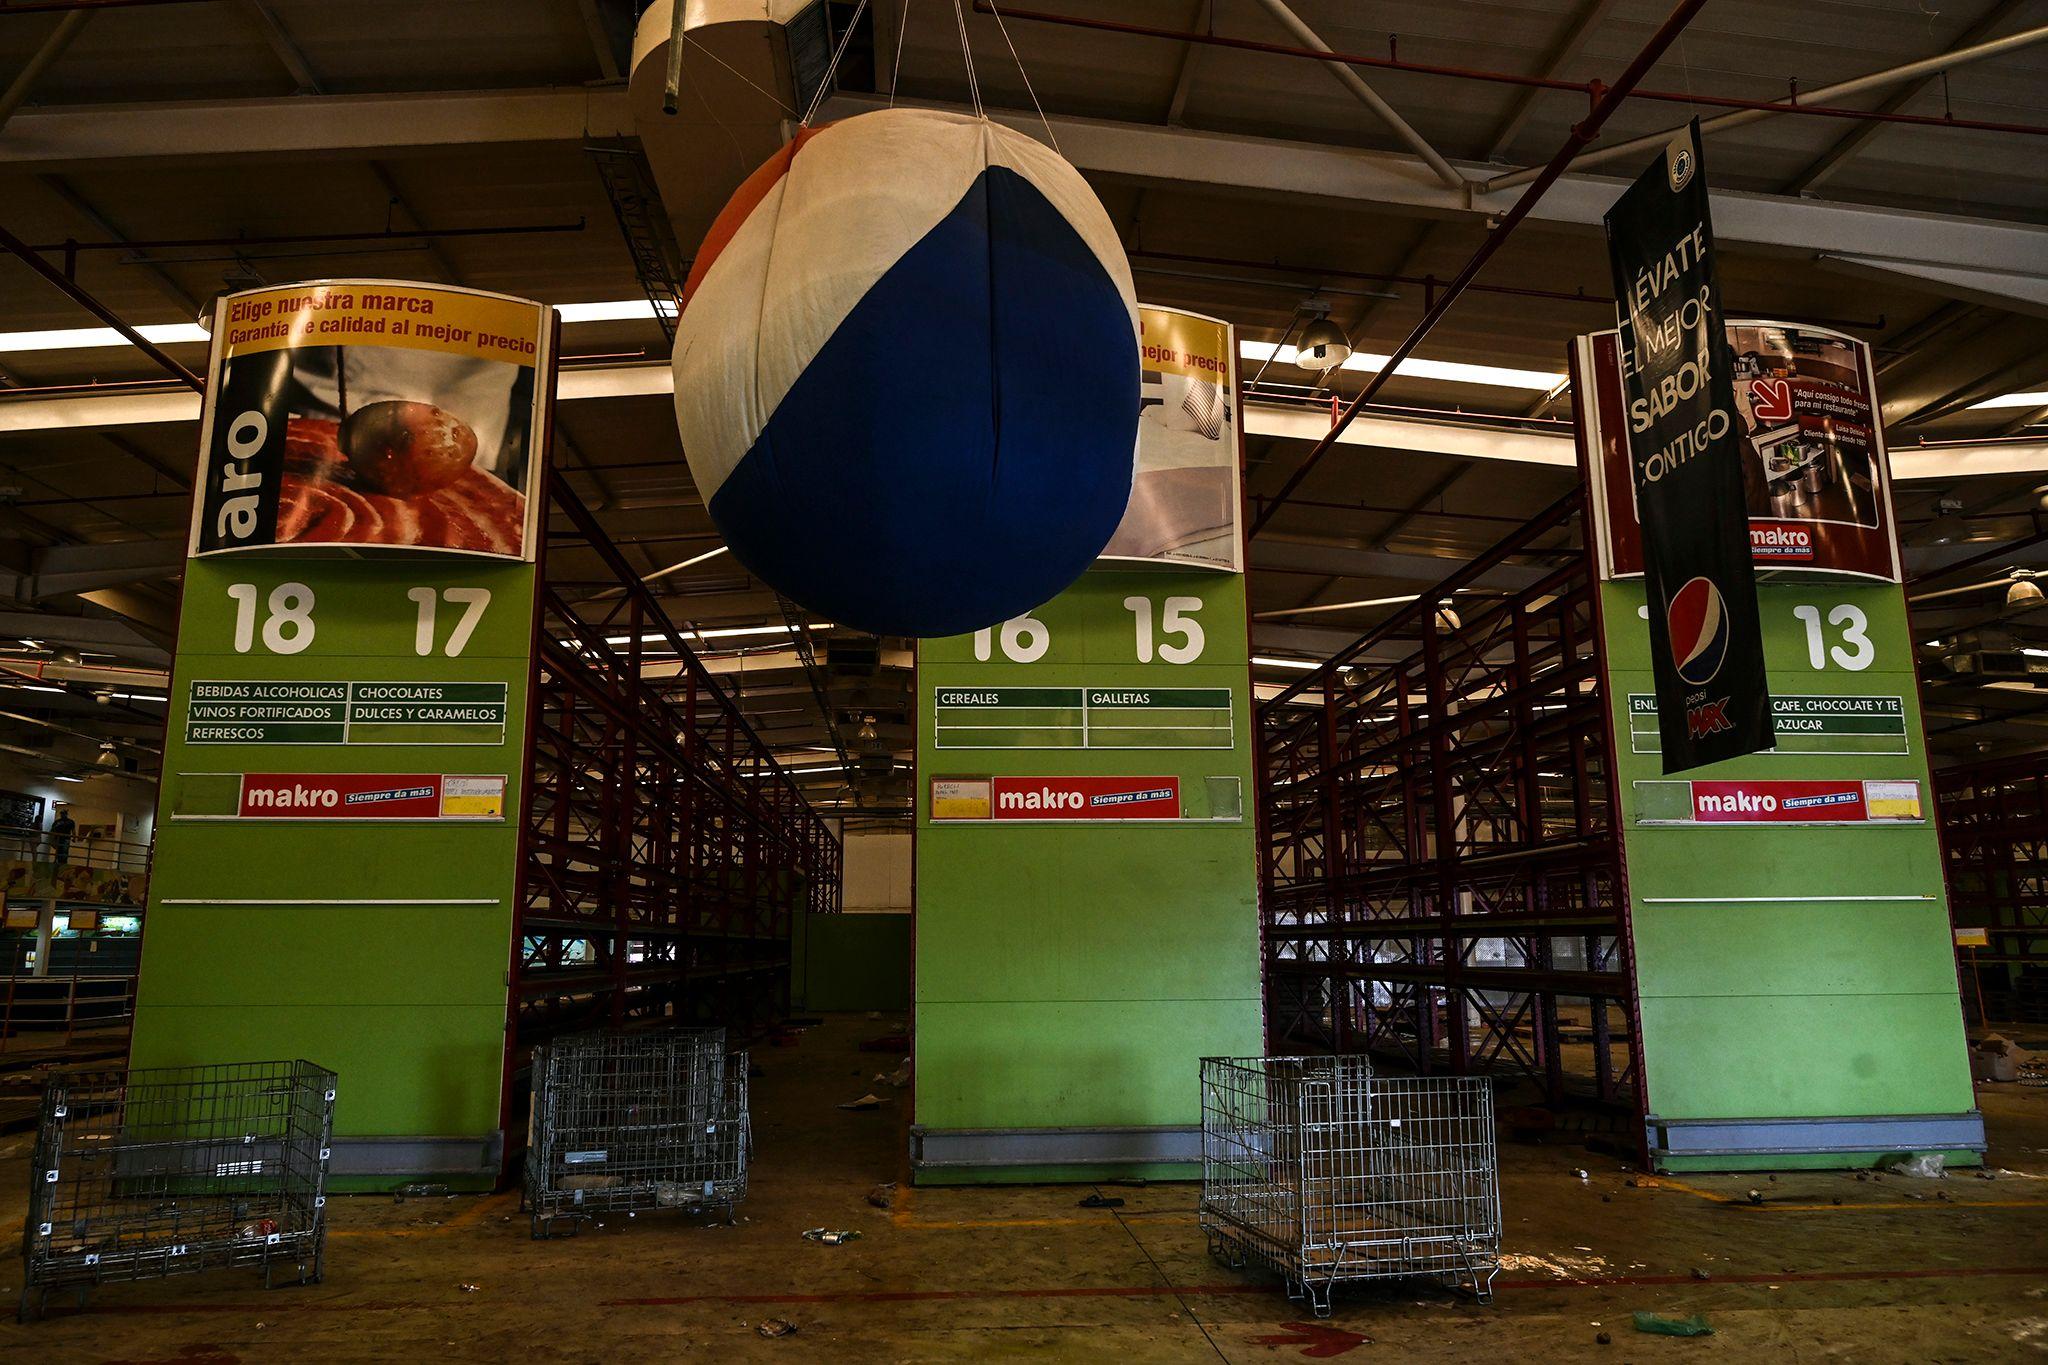 Un supermercado fue saqueado por las personas que buscaban comida durante el apagón en Venezuela.